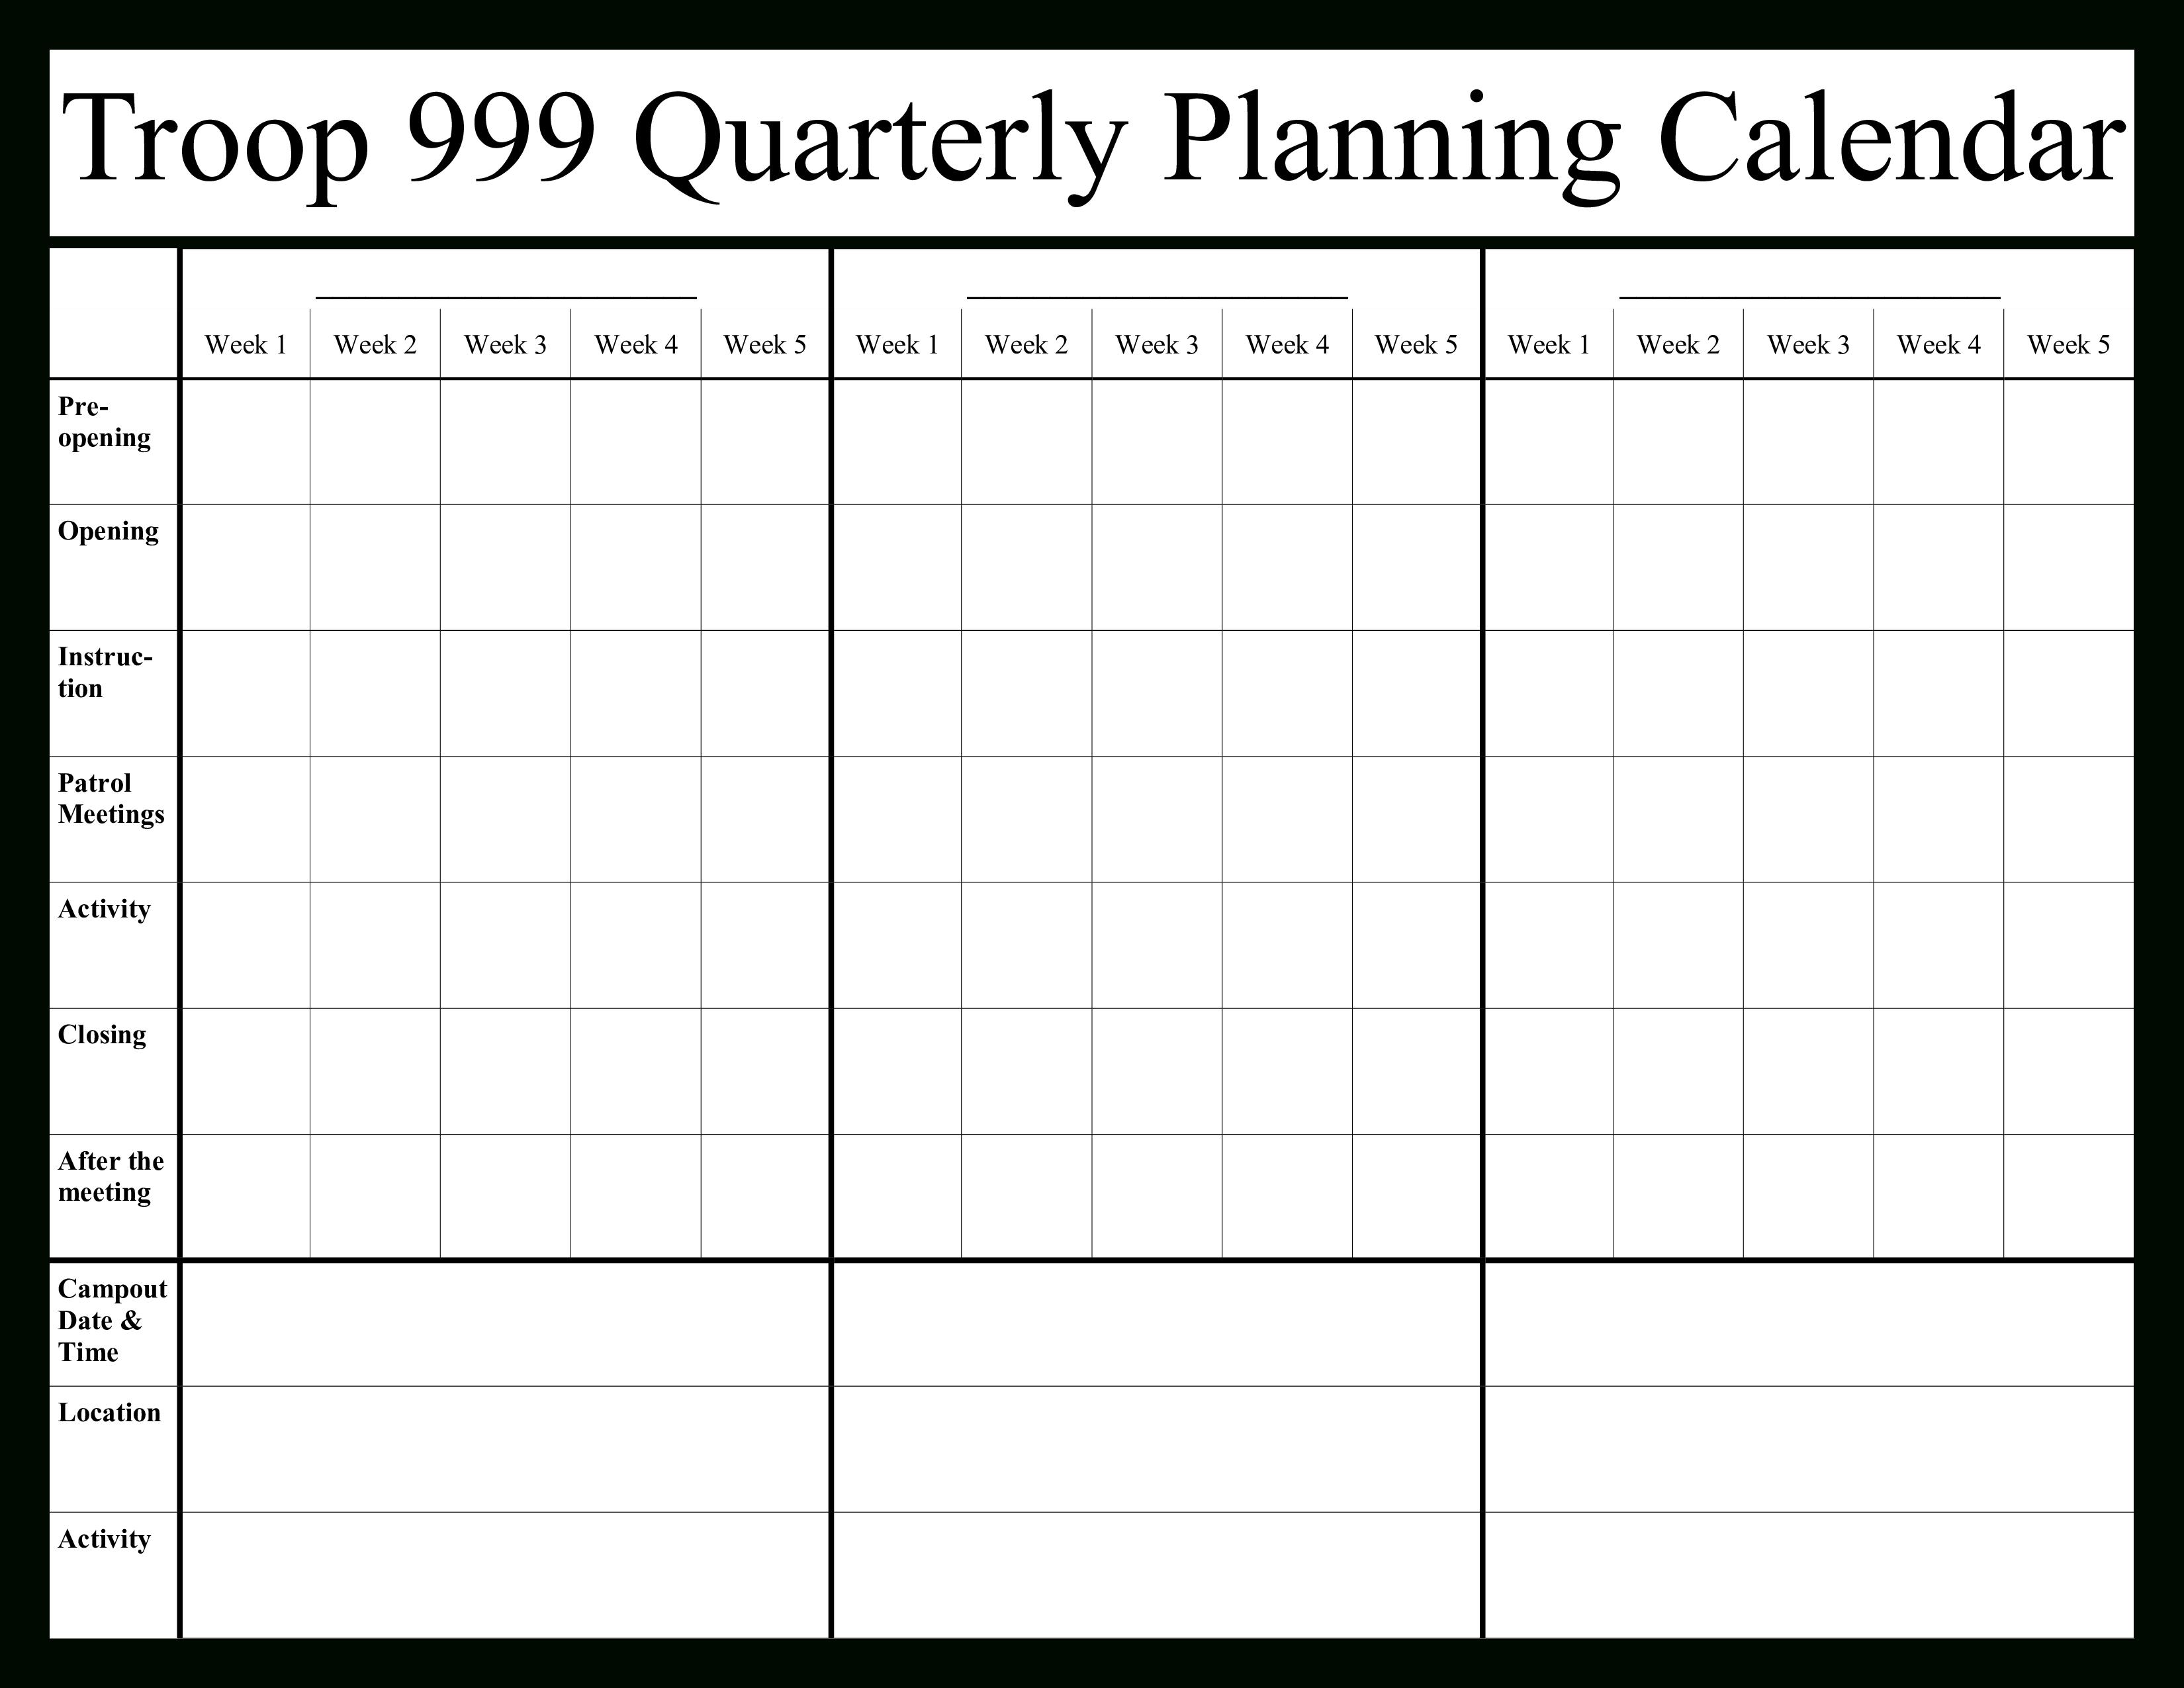 Quarterly Calendar 2020 | Templates At Allbusinesstemplates regarding Quarterly Calendar 2020 Excel